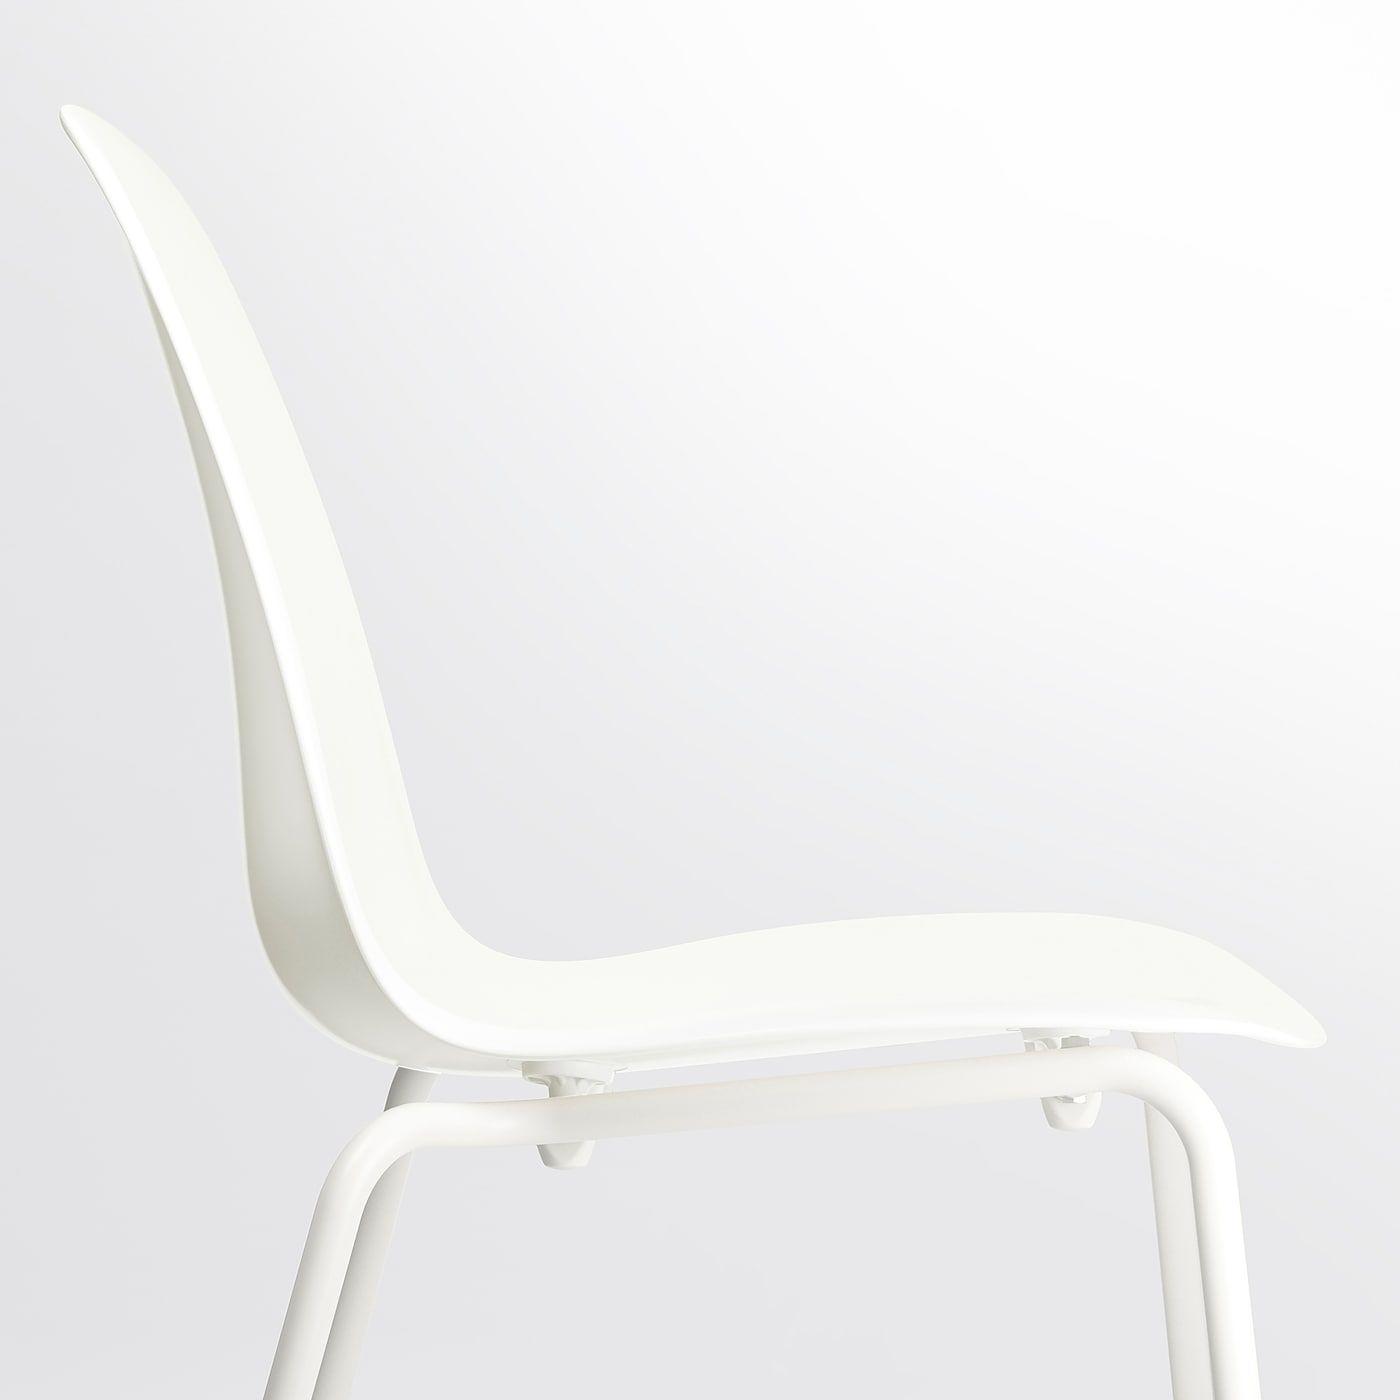 Ikea Stuhl Weiß Plastik